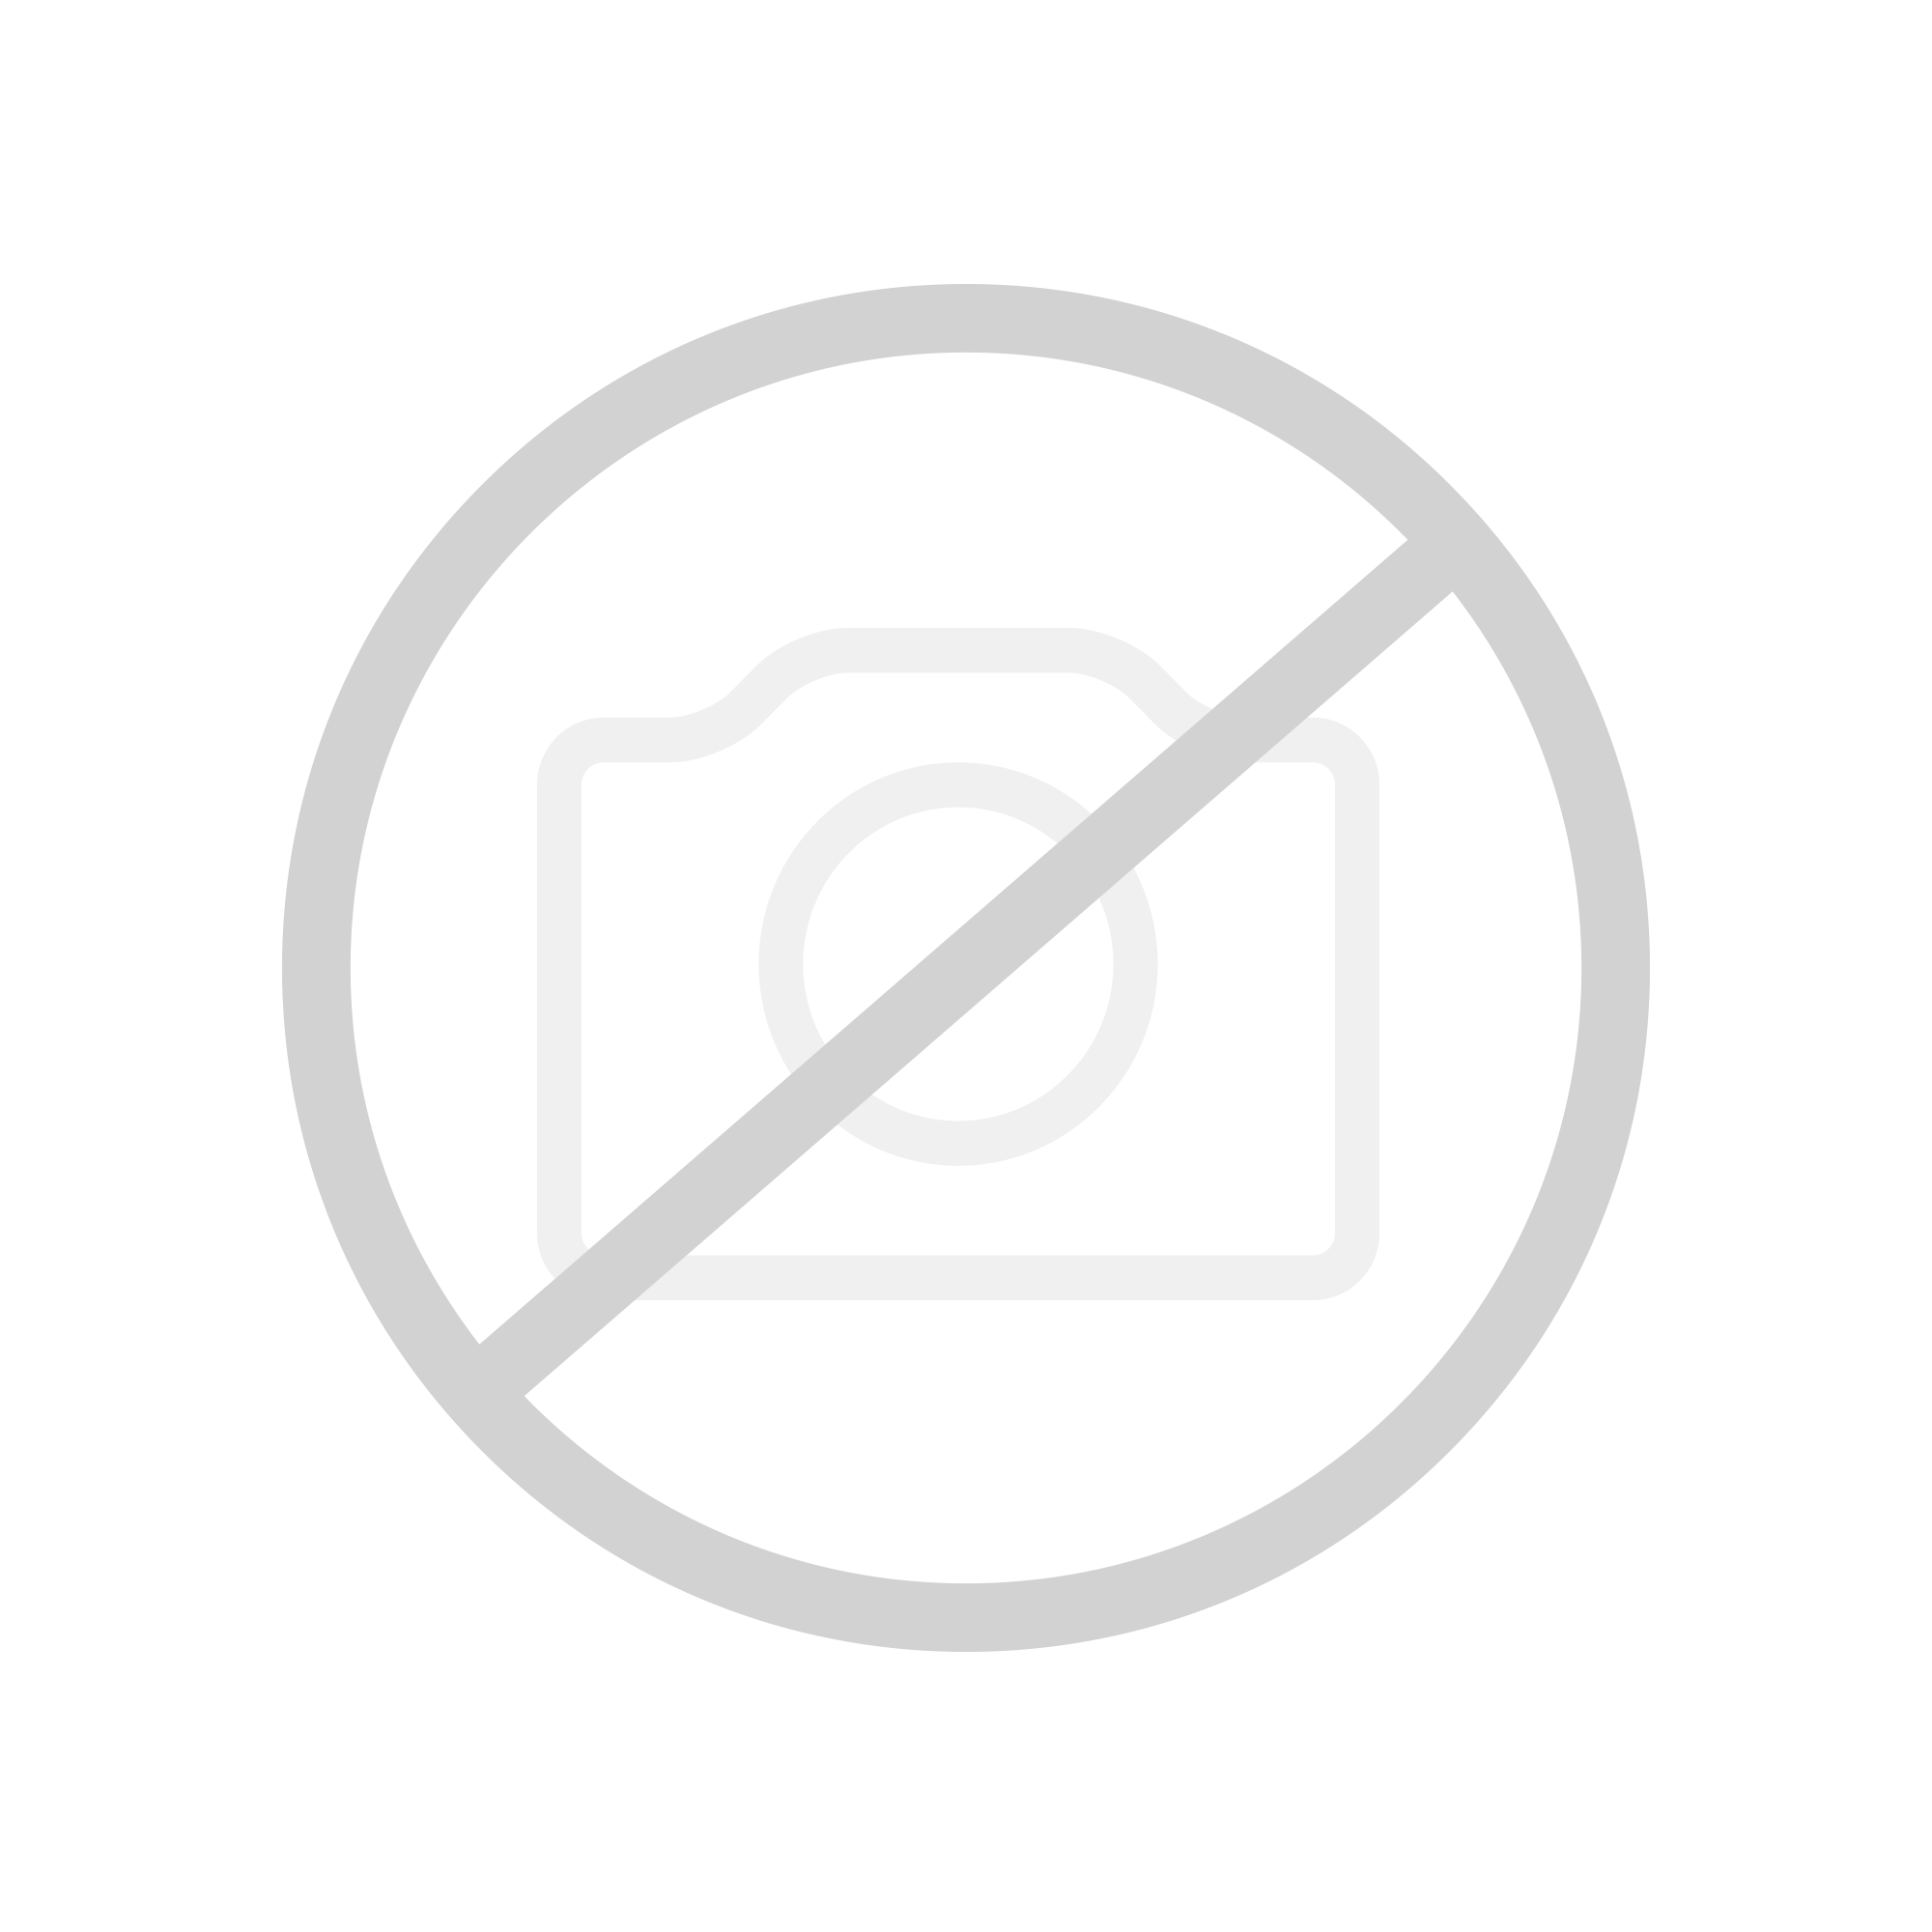 koh i noor led spiegel mit ober und unterbeleuchtung l45934 reuter onlineshop. Black Bedroom Furniture Sets. Home Design Ideas